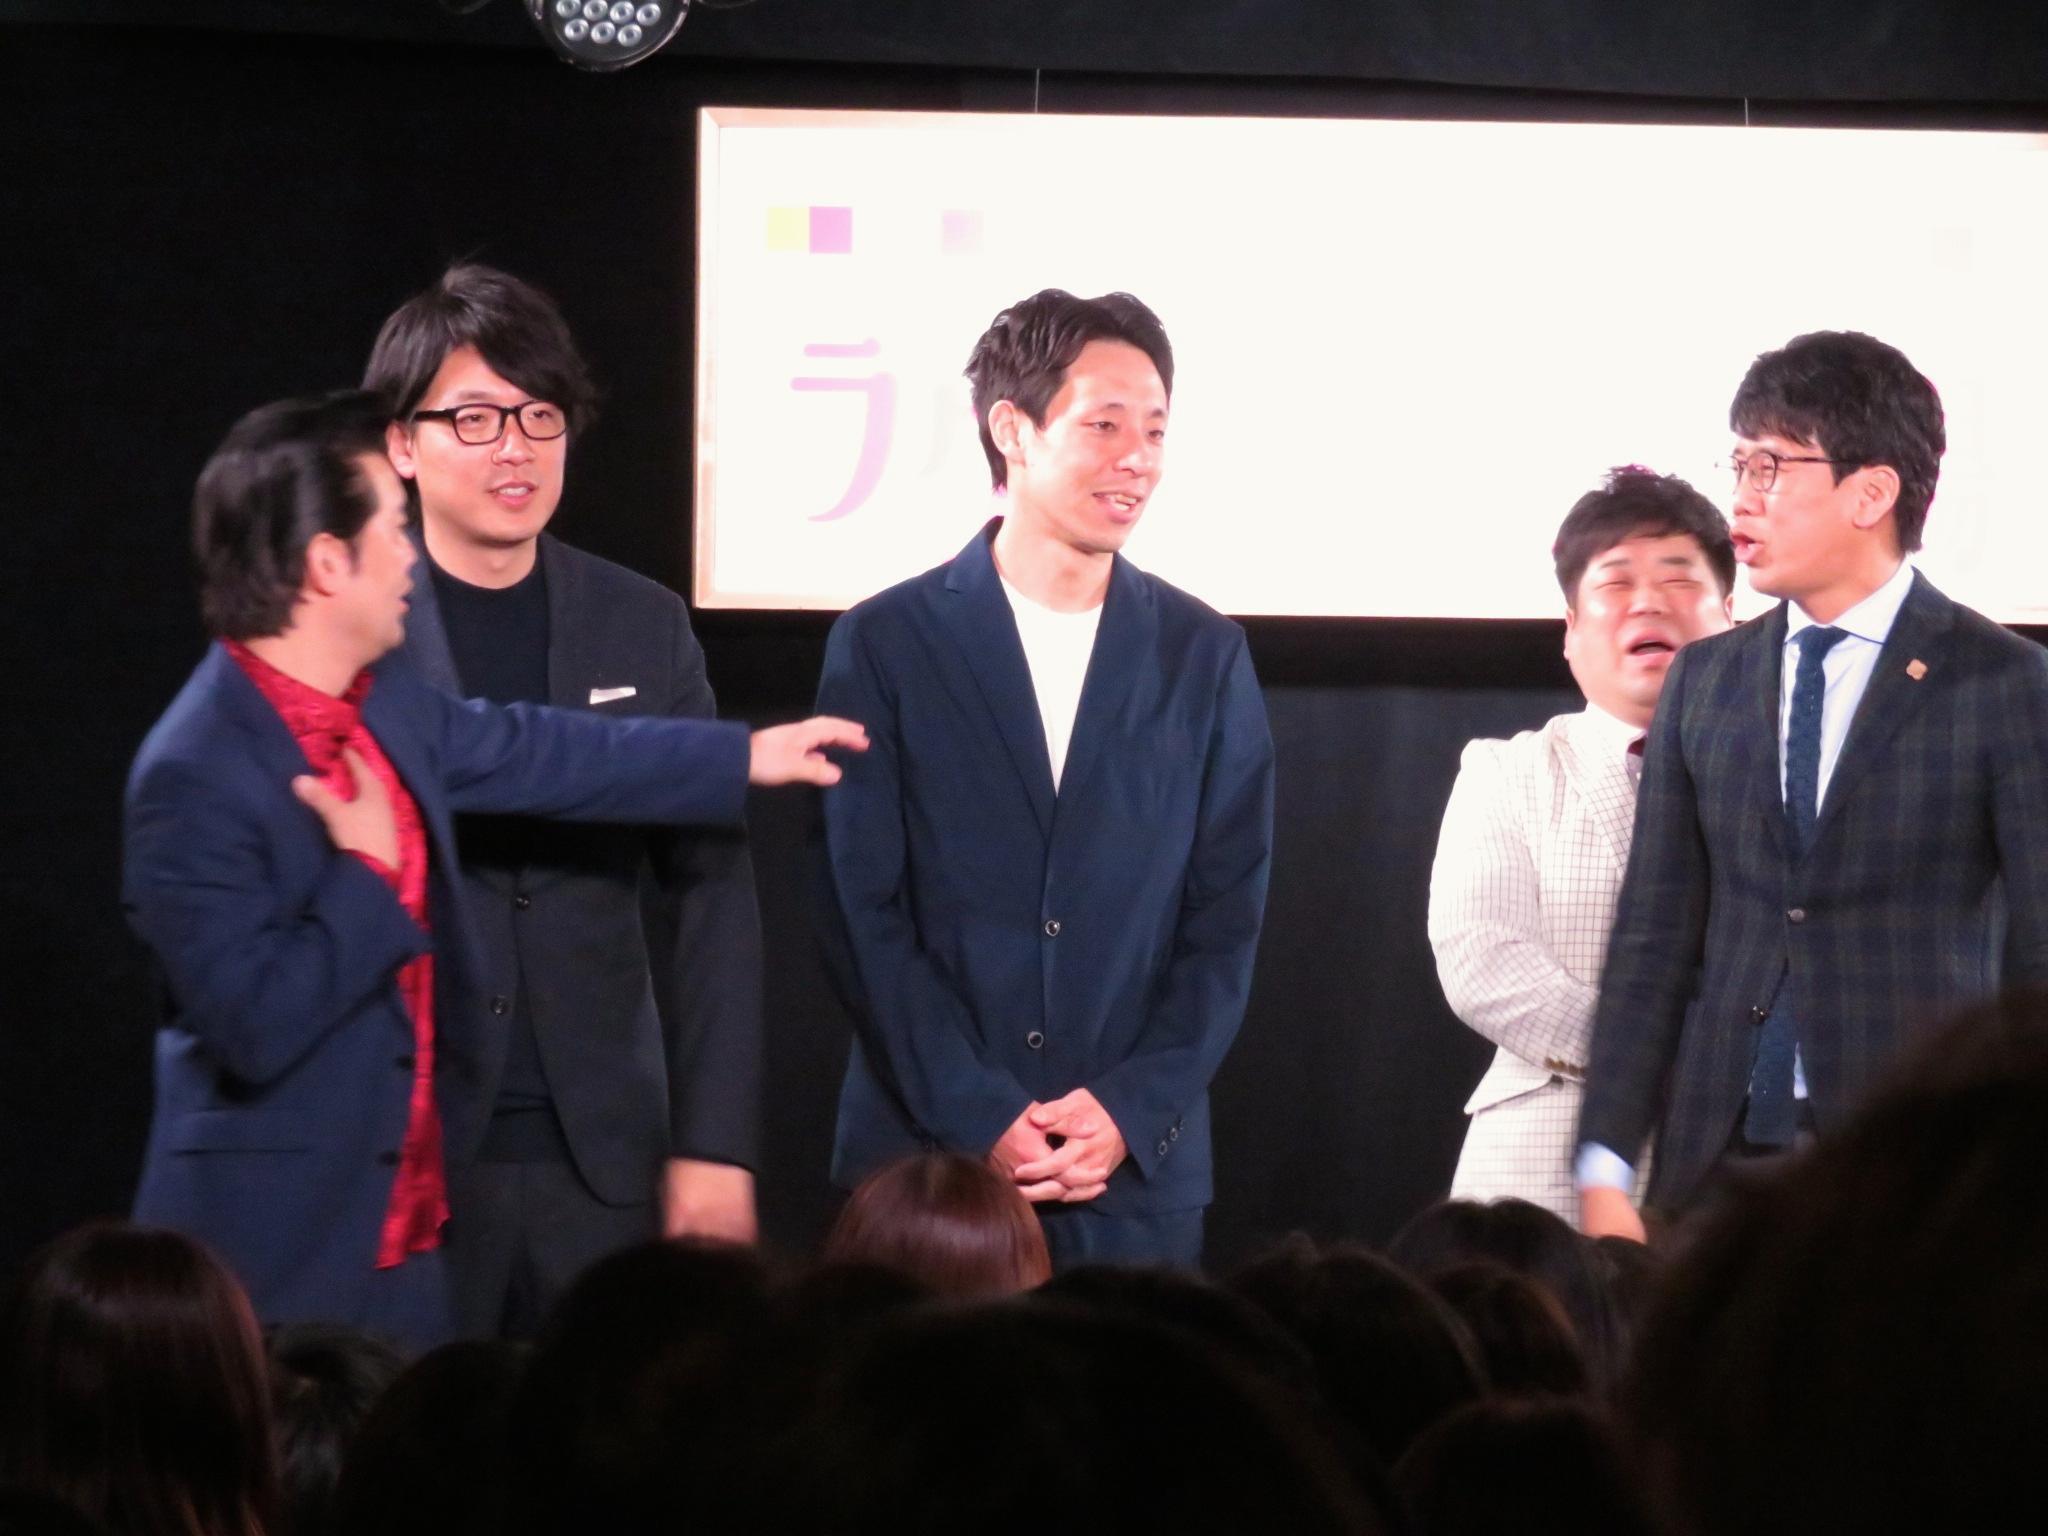 http://news.yoshimoto.co.jp/20171230223039-1c74698279e7d3a7f52e581f125056feb7f162ad.jpg